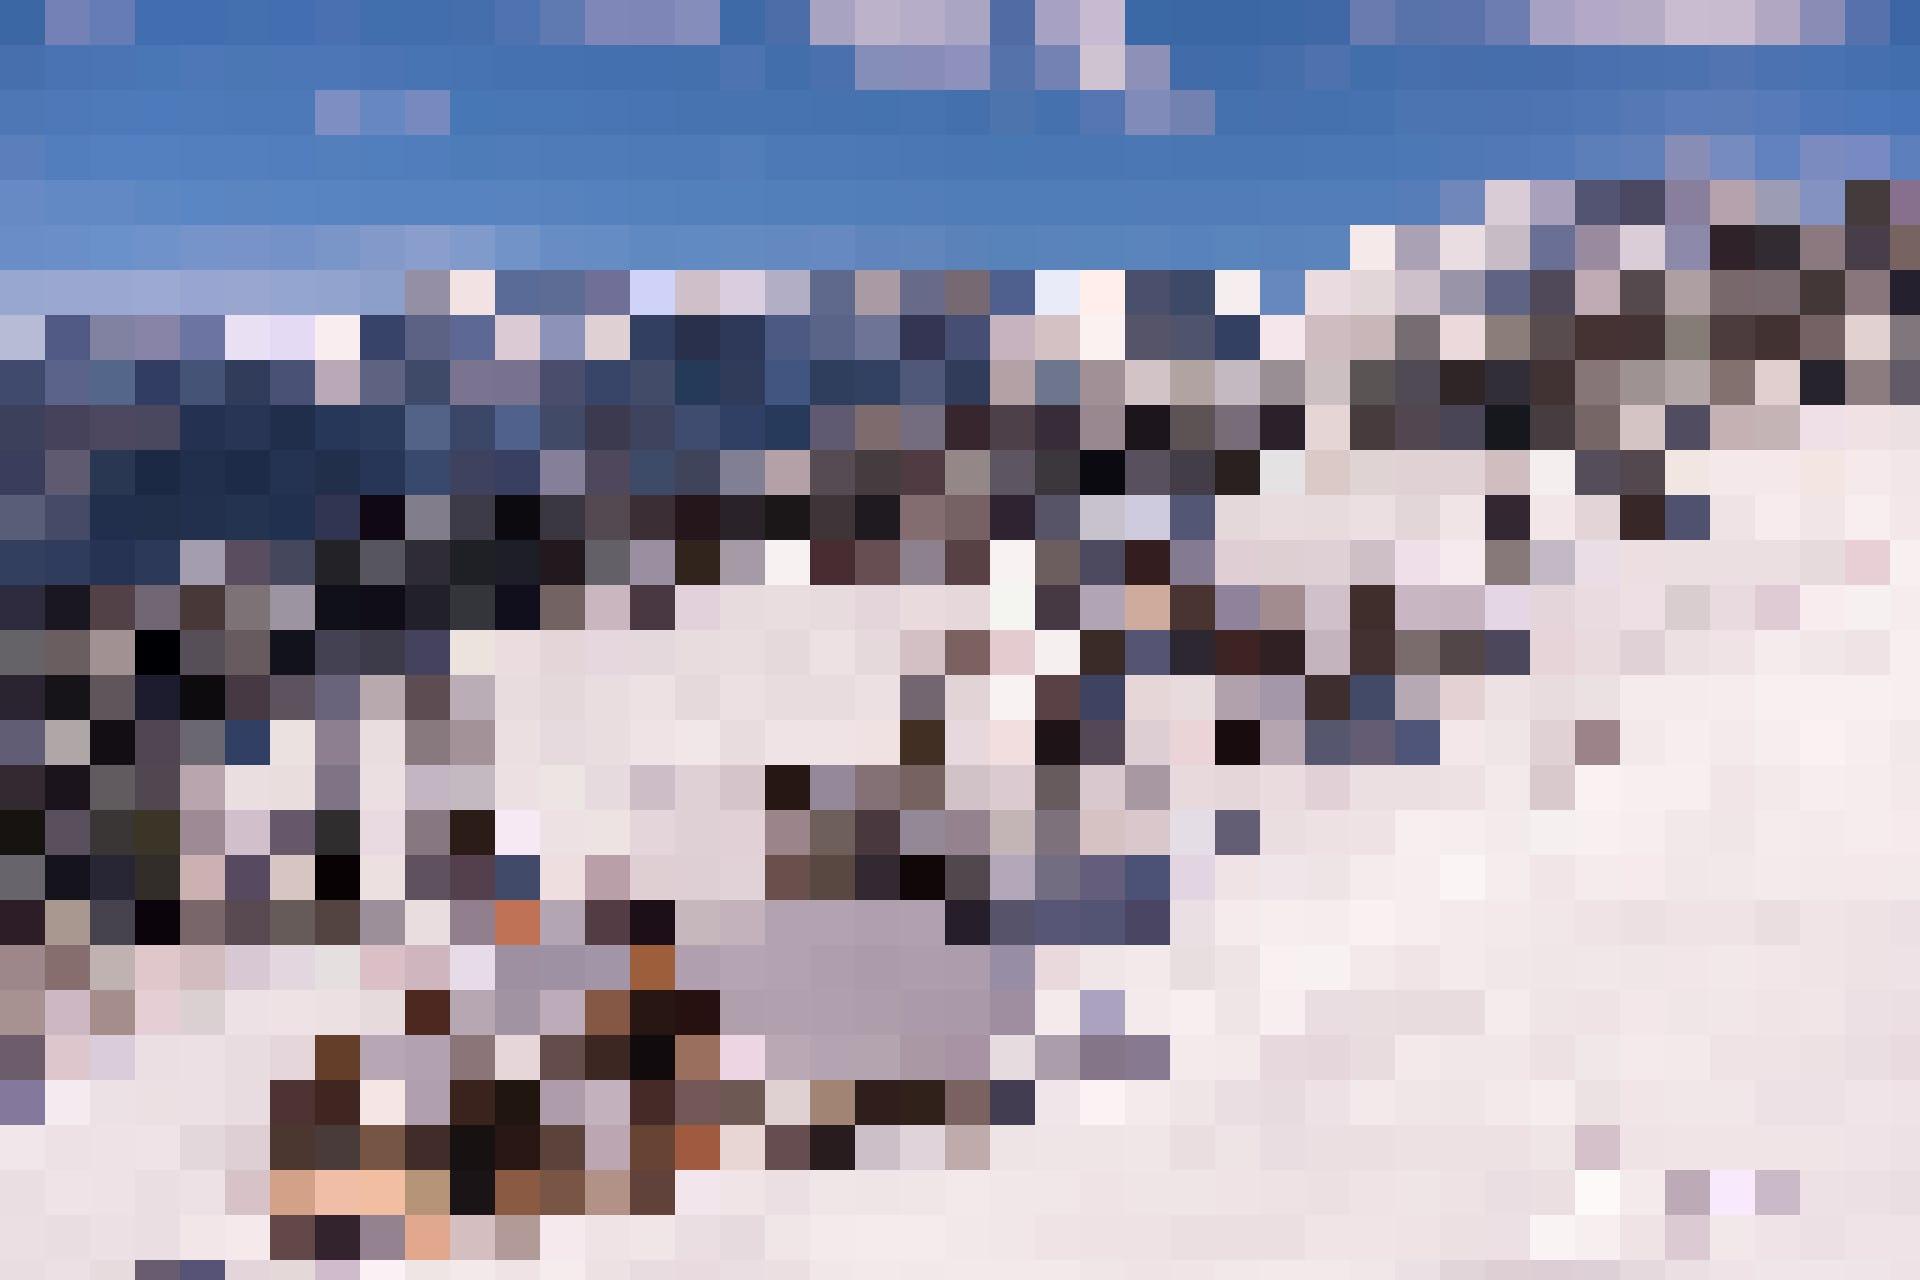 Die Region verzaubert jeden mit ihren mächtigen Alpengipfeln, verträumten Bergdörfern und charmanten Städten.